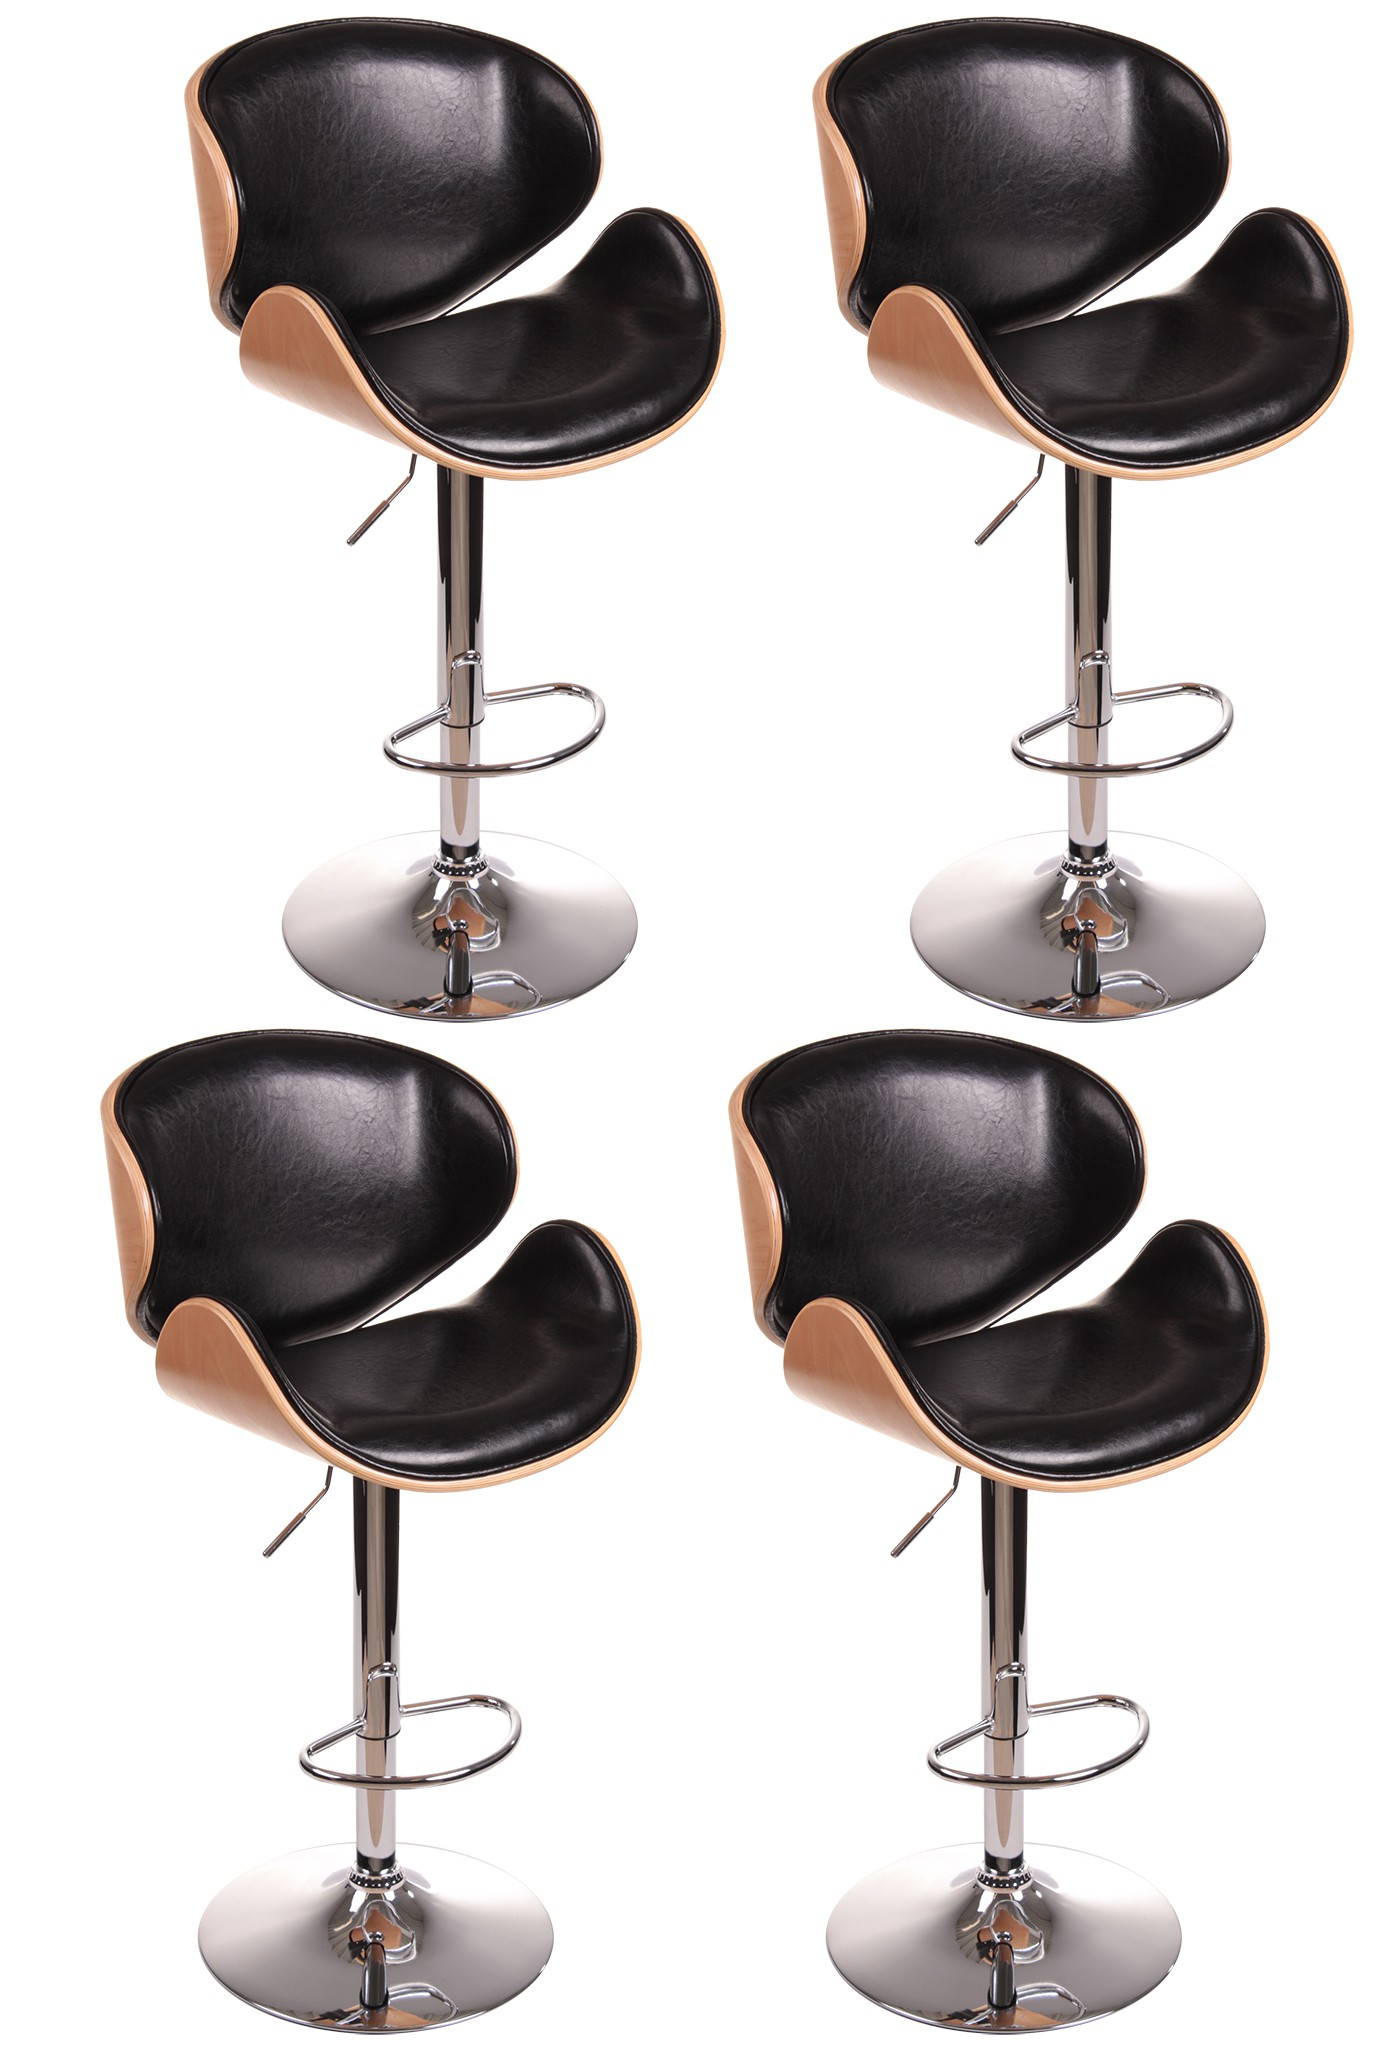 barhocker fm 2203a buchenholz schwarz 4er set haus und. Black Bedroom Furniture Sets. Home Design Ideas